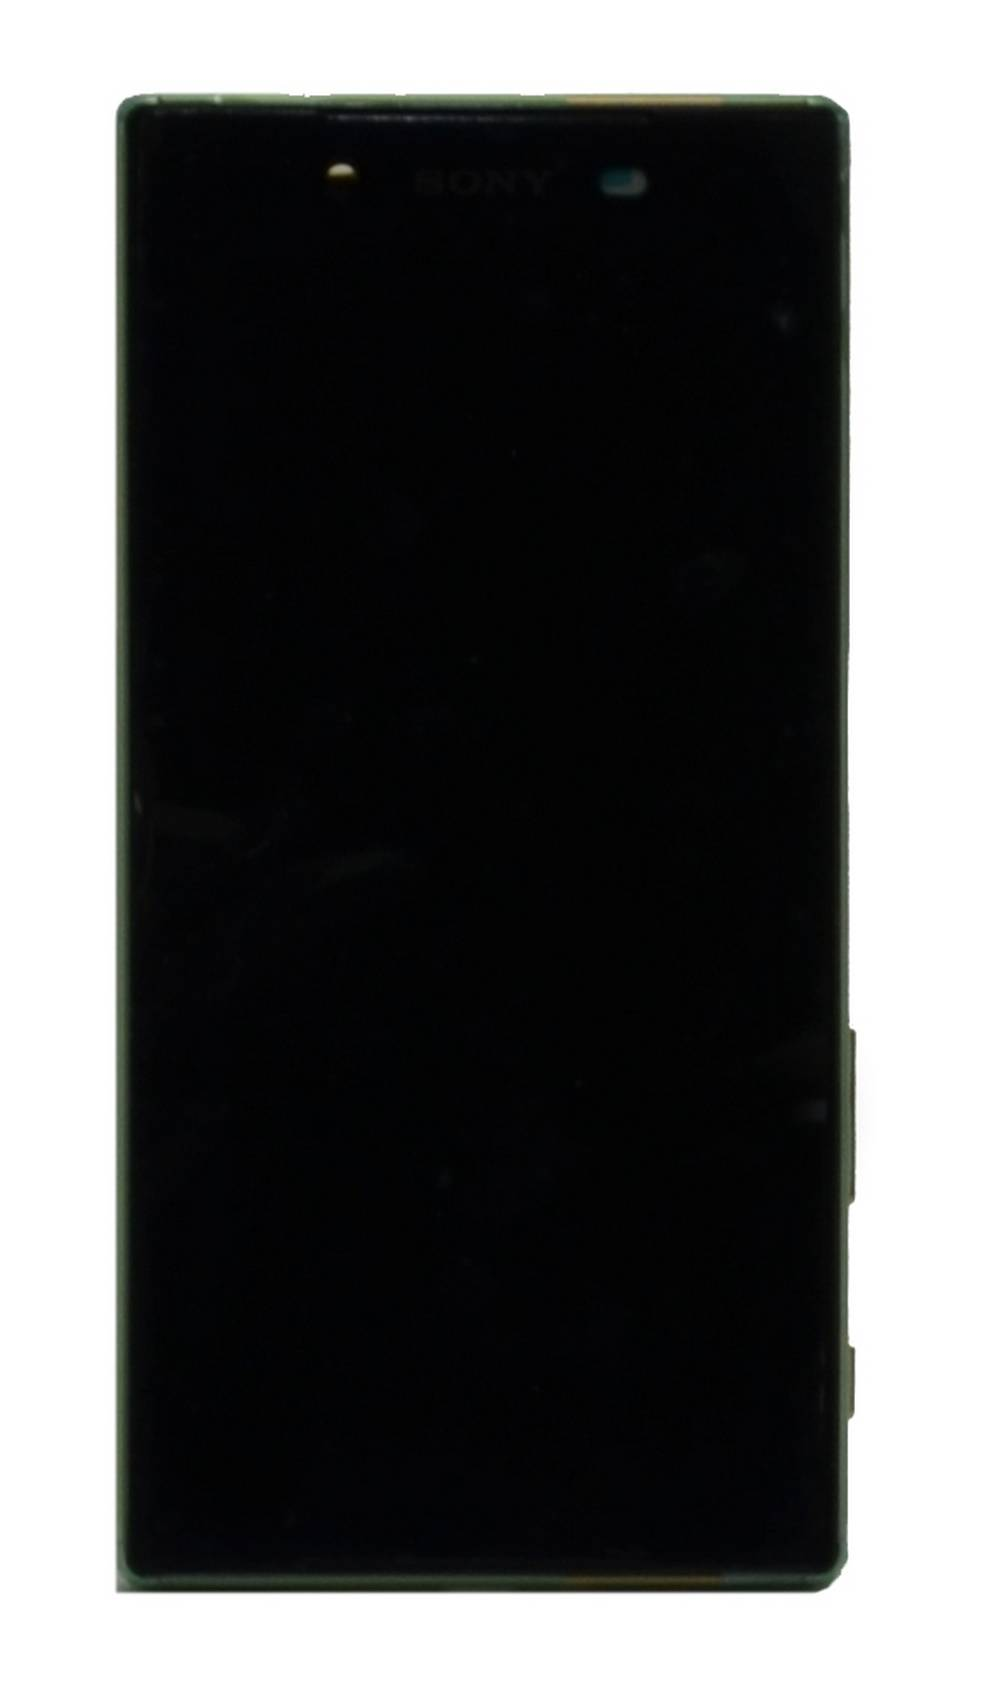 Γνήσια Οθόνη & Μηχανισμός Αφής Sony Xperia Z5 Dual E6633 Χρυσό 1298-5922